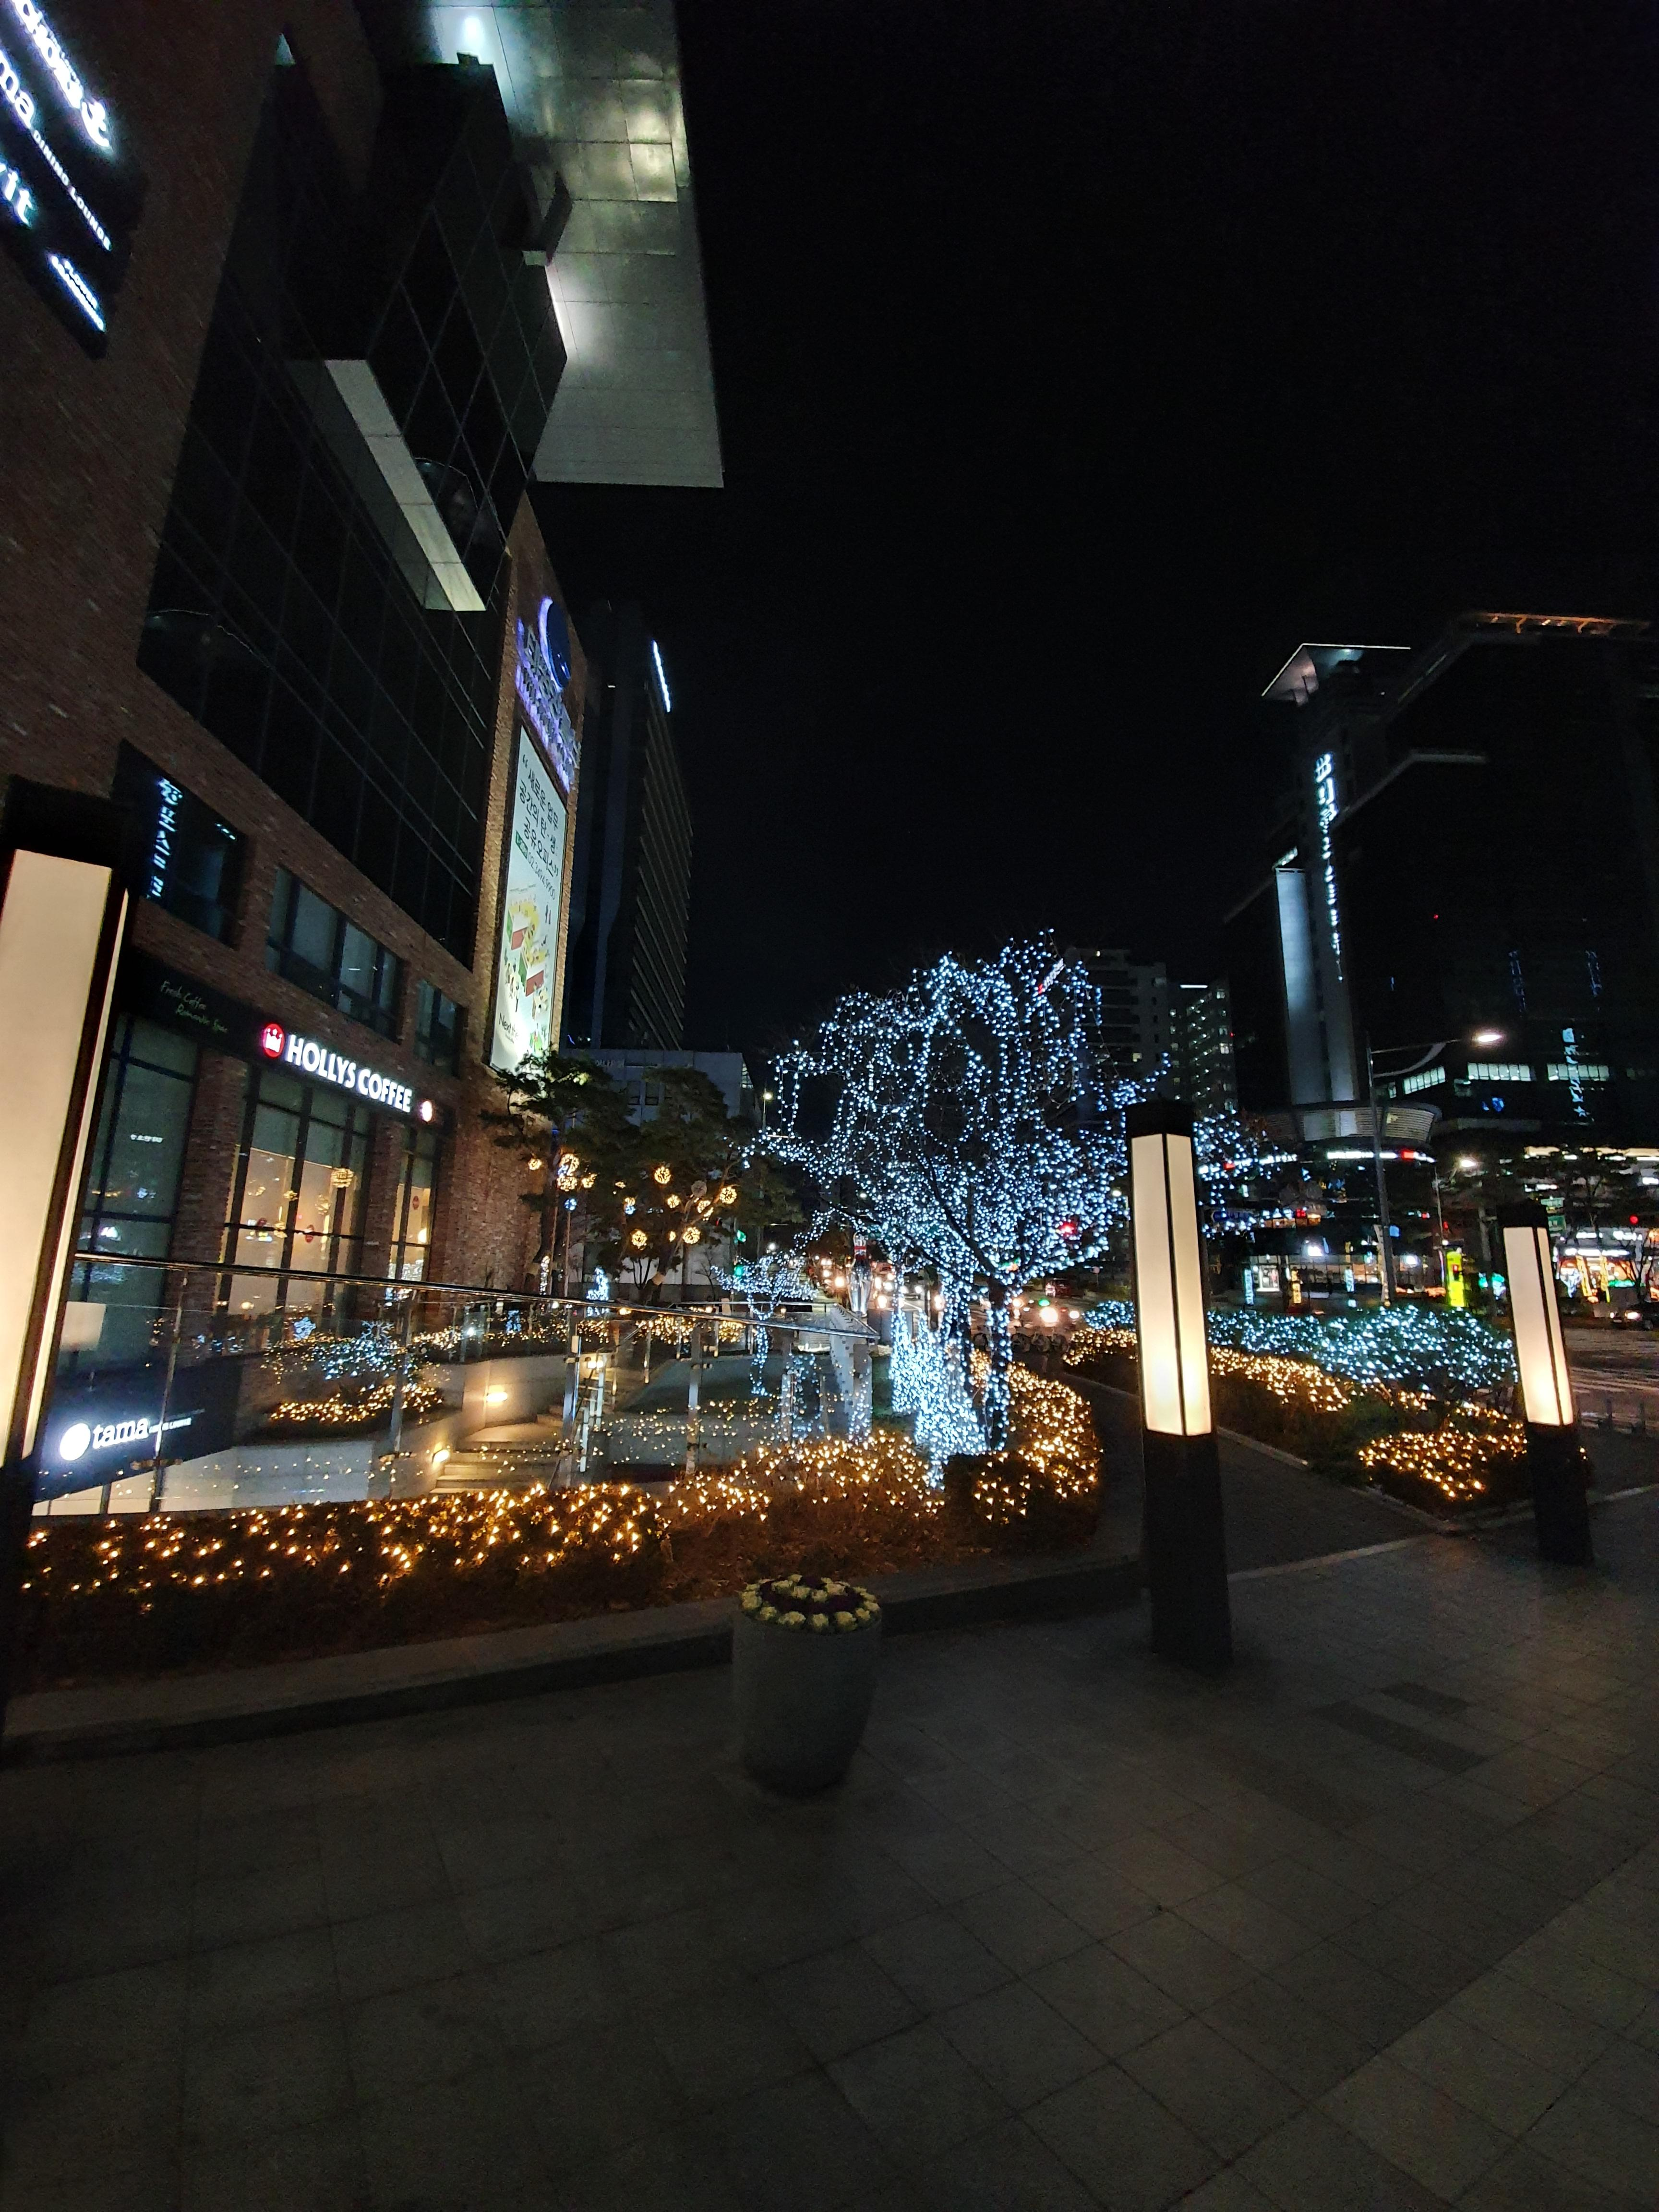 동네 겨울 야경